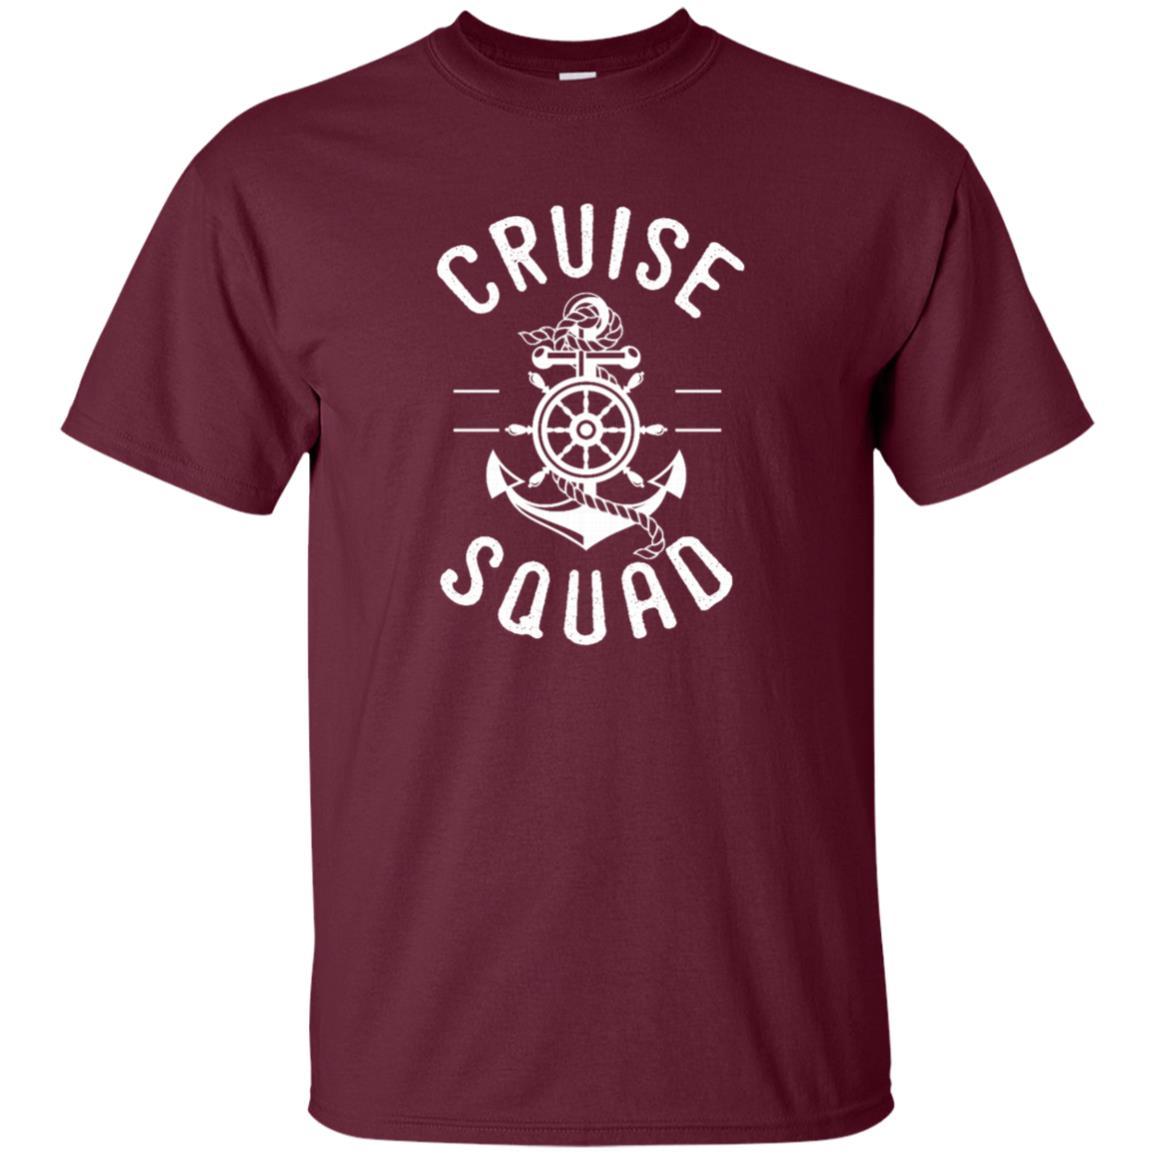 Cruise Squad Group Cruise Unisex Short Sleeve